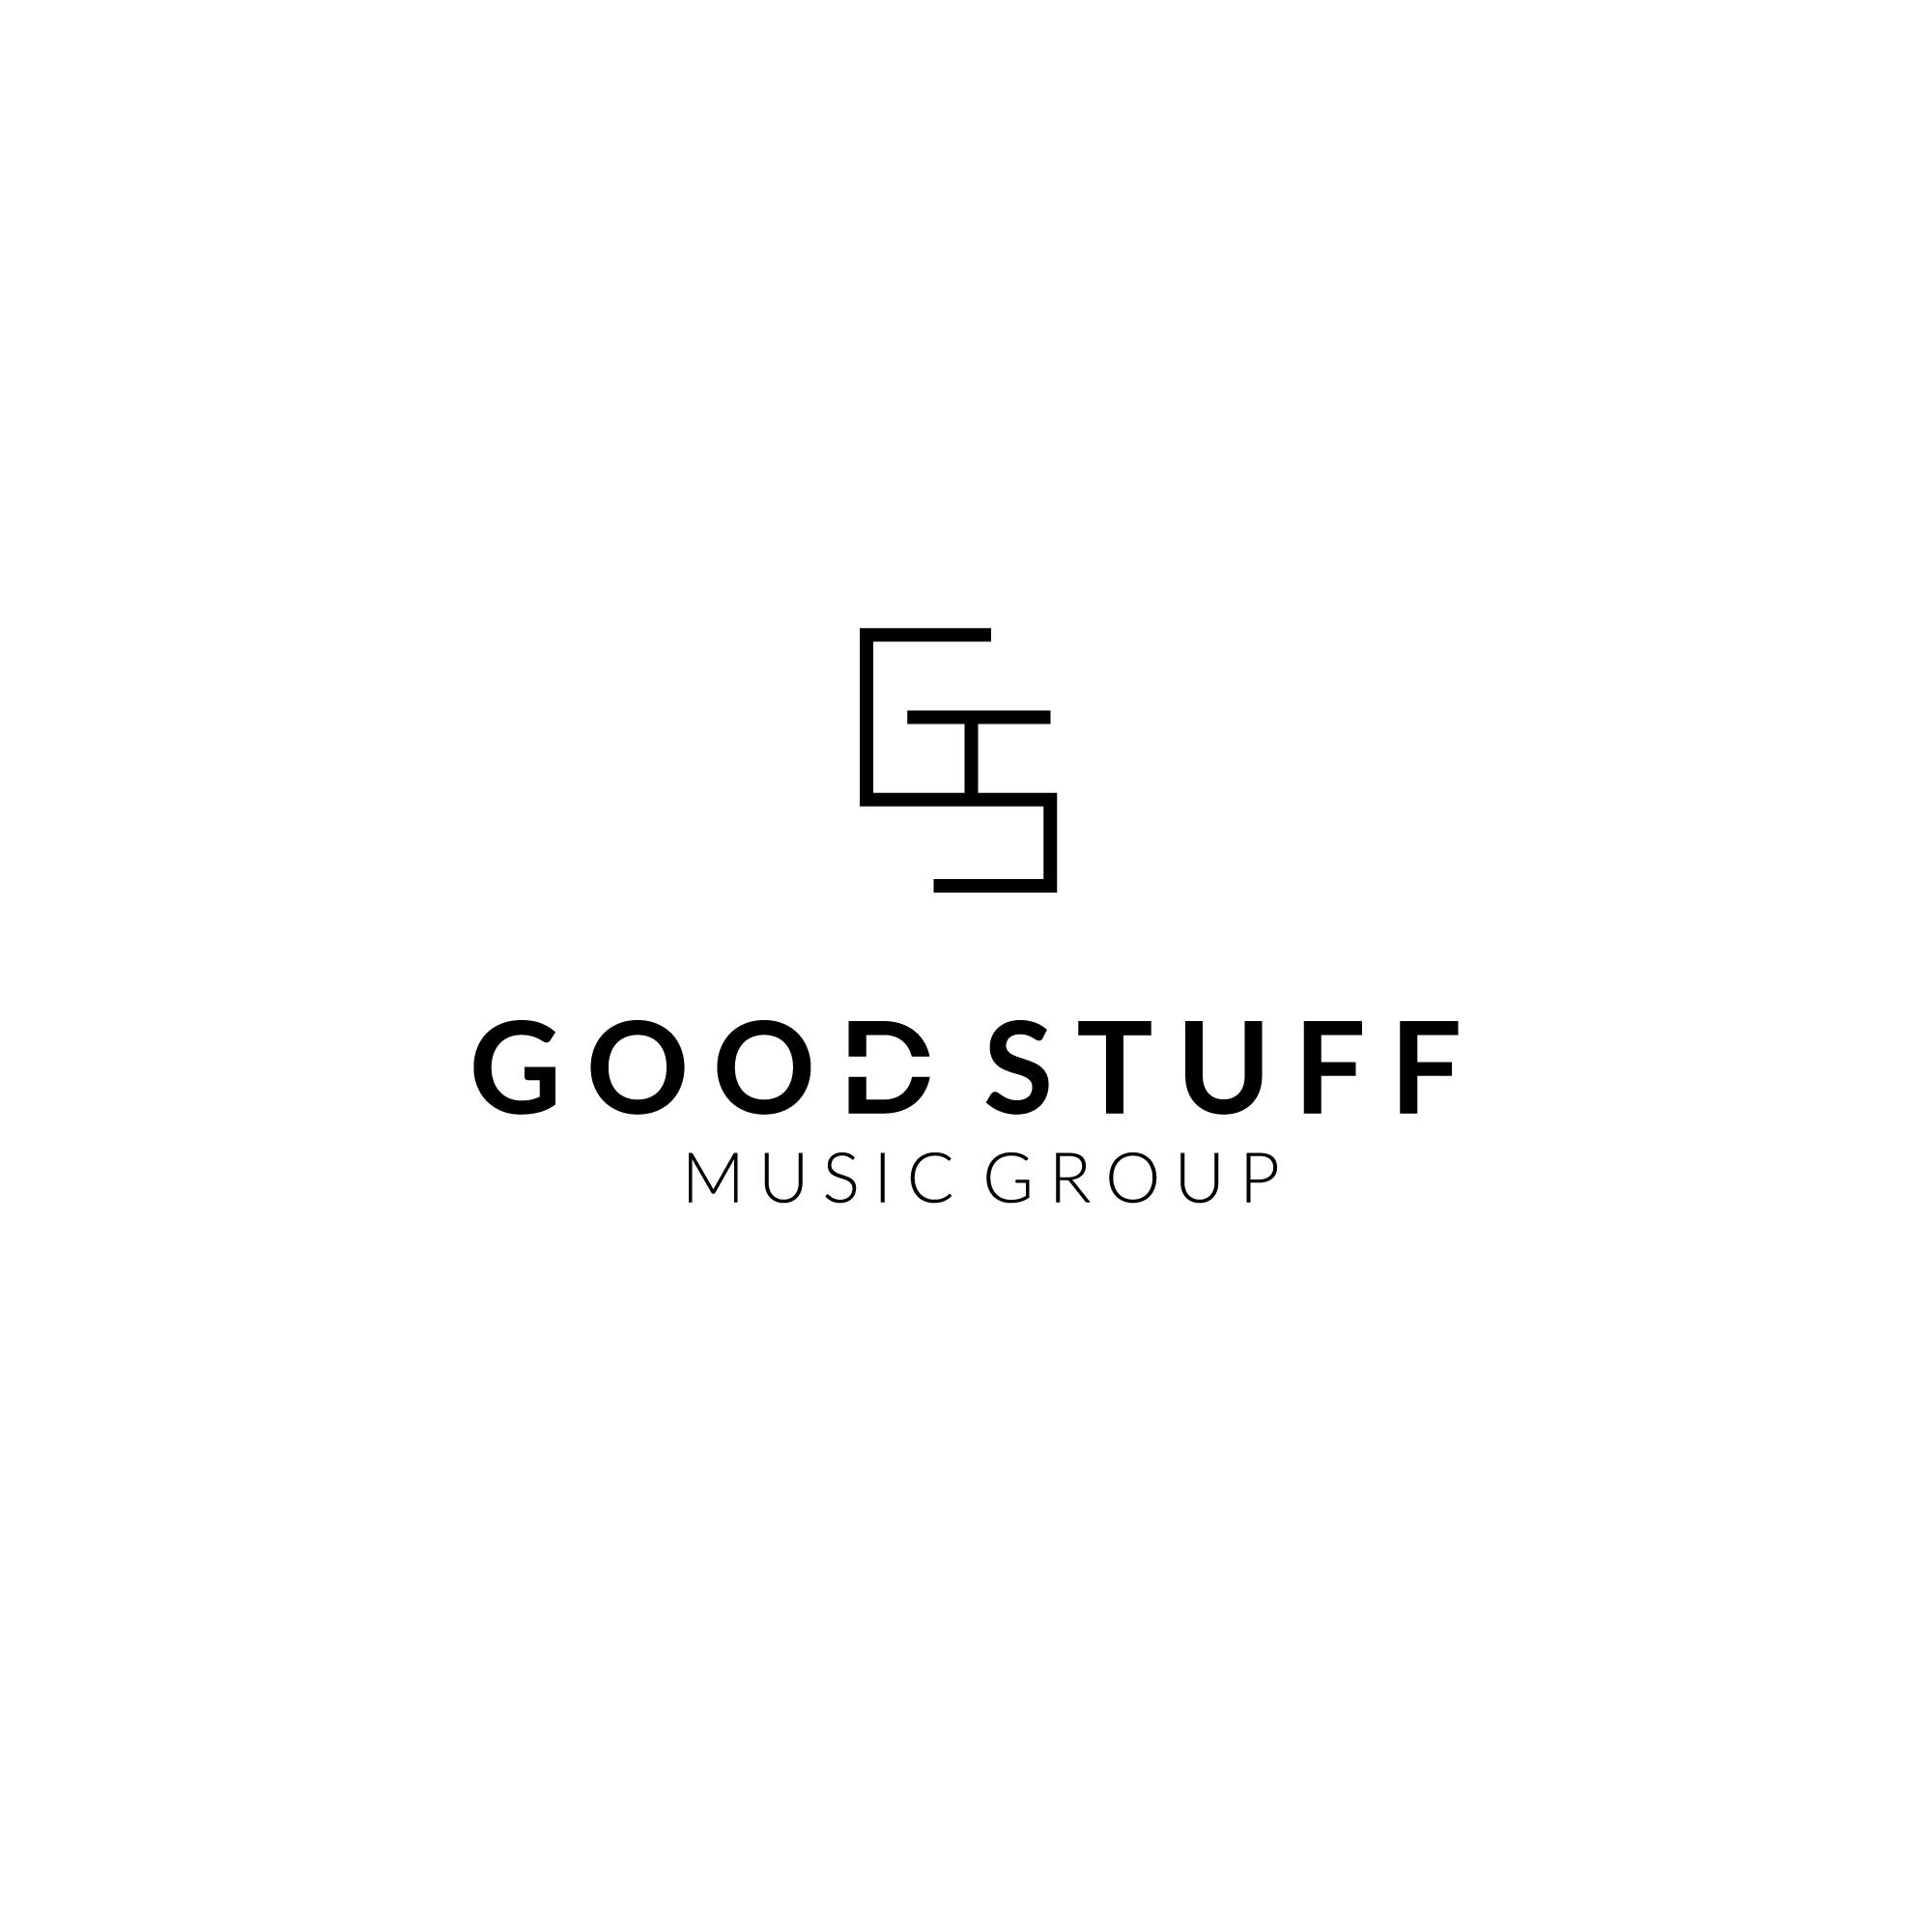 Good-Stuff-logo-prawidłowe